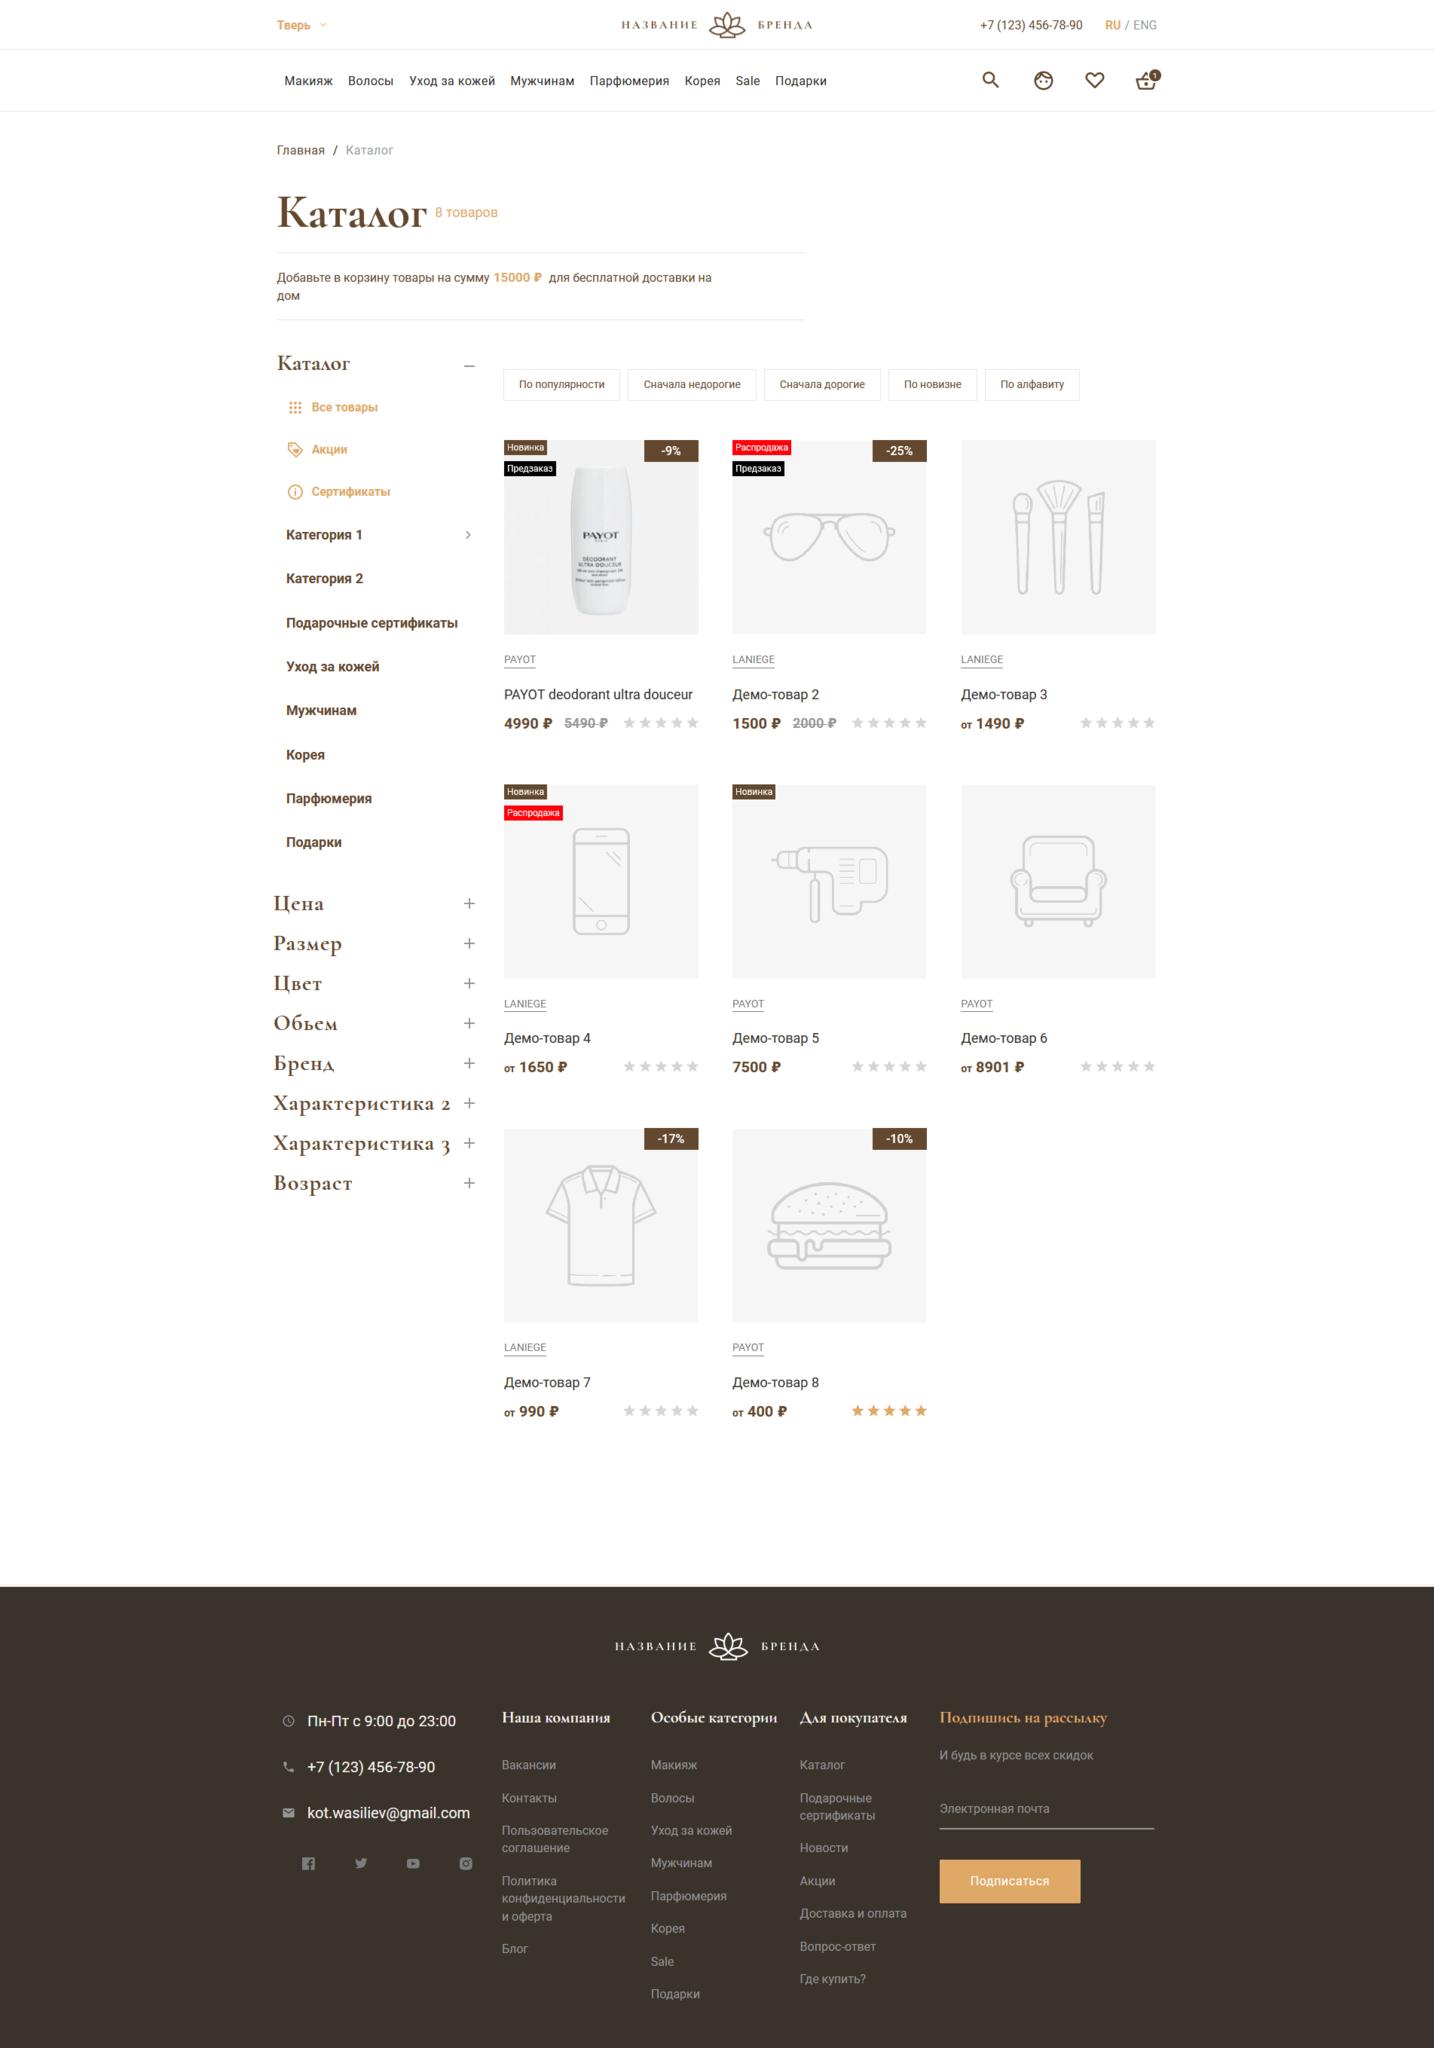 Шаблон интернет магазина - Stylist